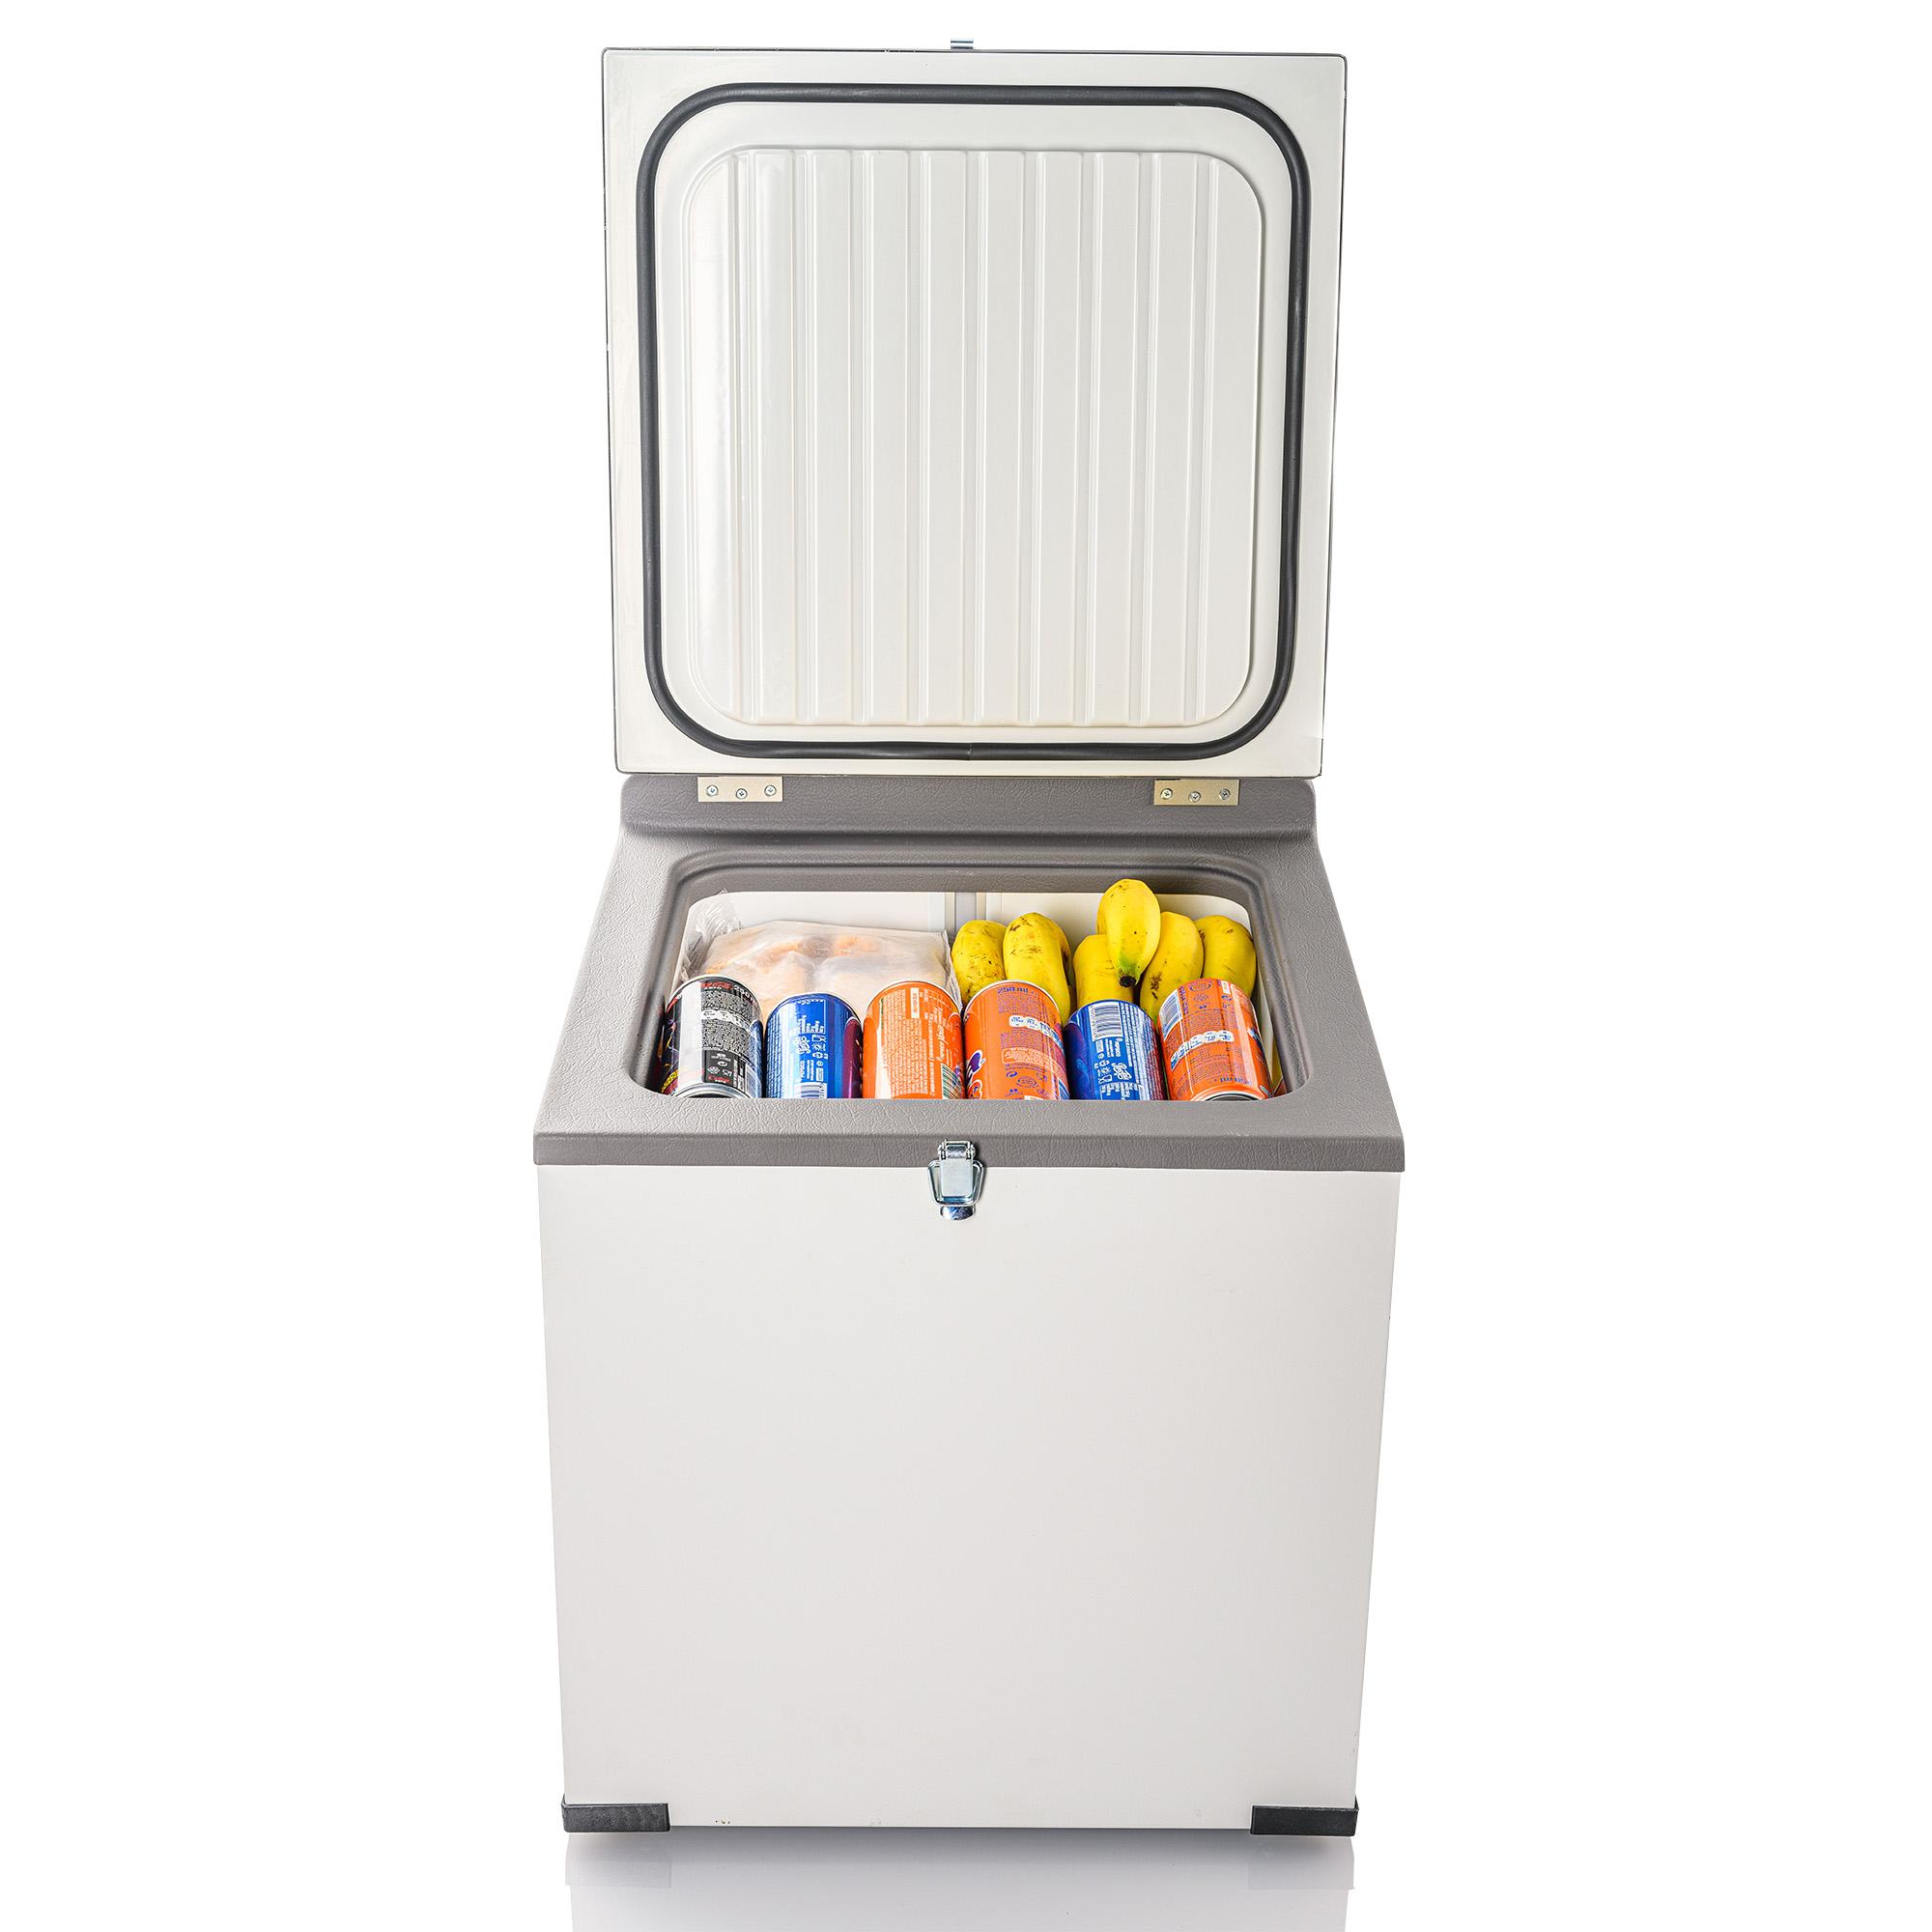 MET 4245 36 LT Soğutucu Araç Buzdolabı